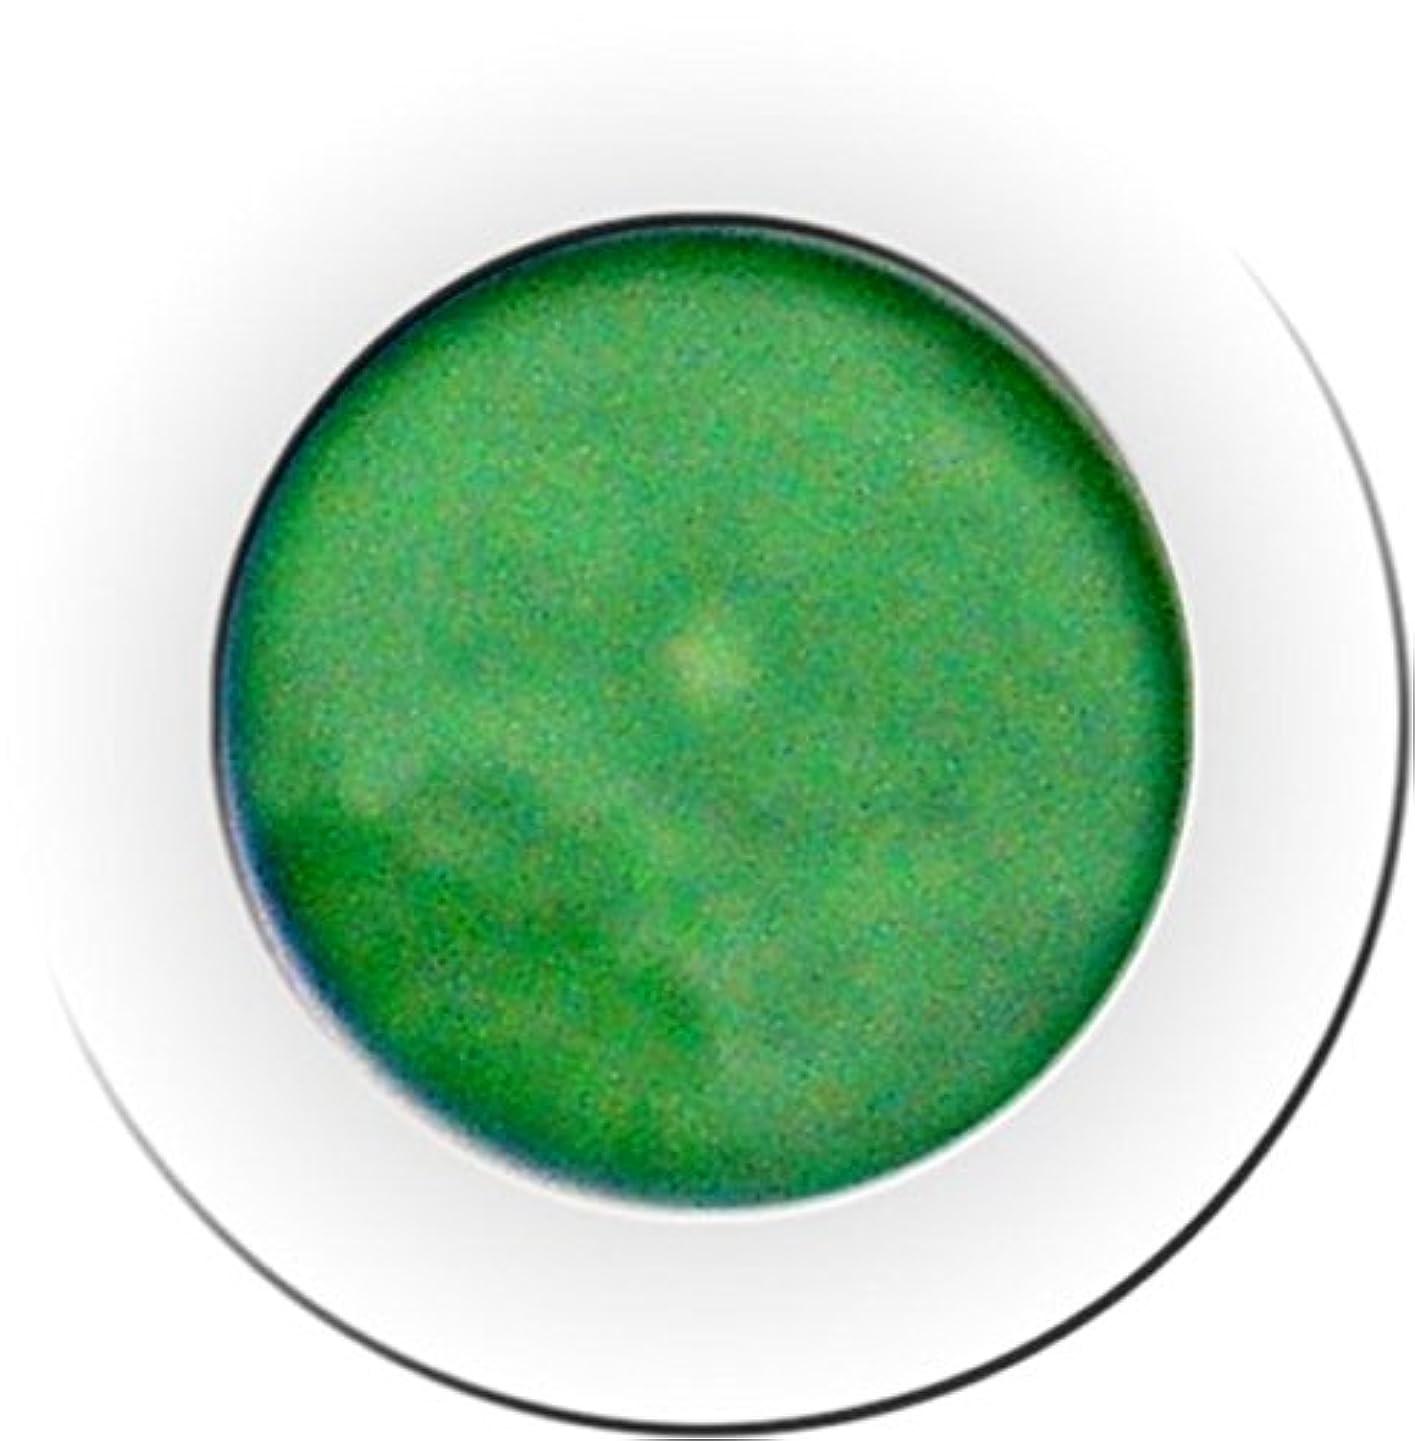 廃止体現する視力カラーパウダー 7g フォスフォラス